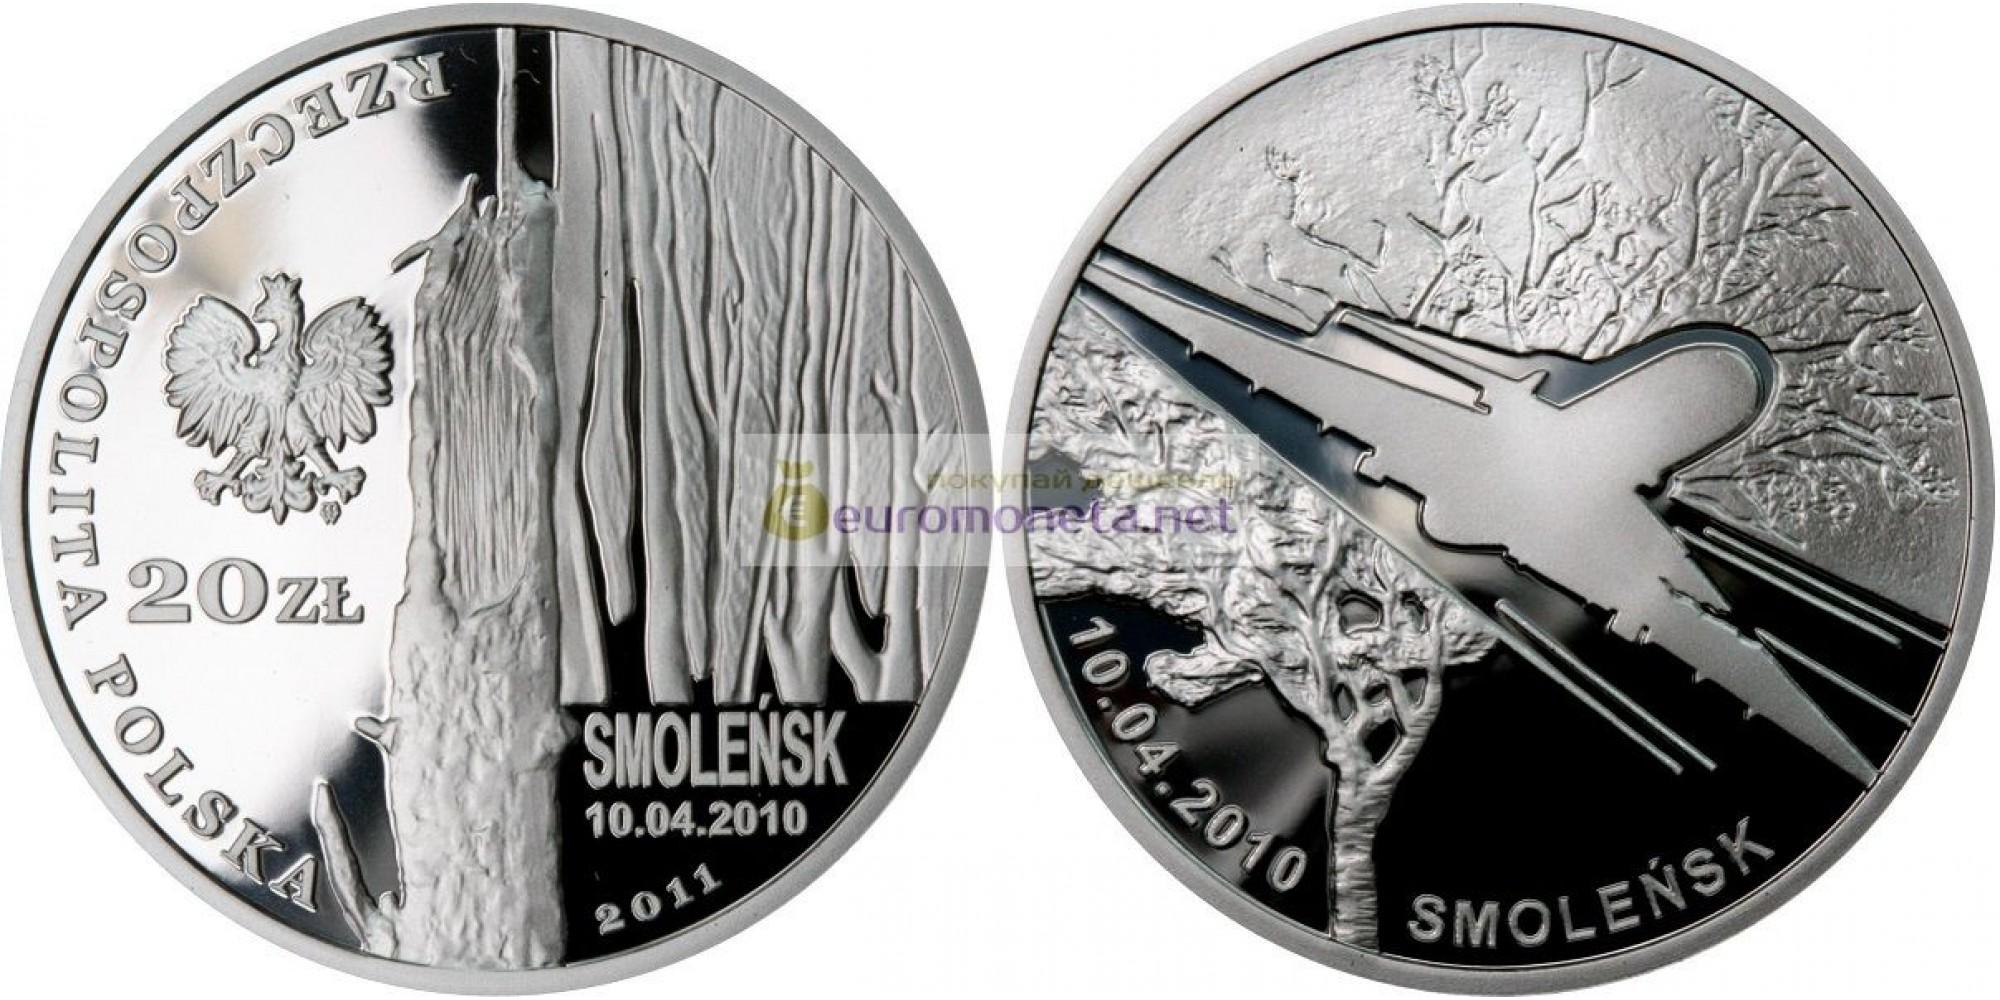 Польша 20 злотых 2011 год Смоленск - в память о погибших 10 апреля 2010 г. серебро пруф